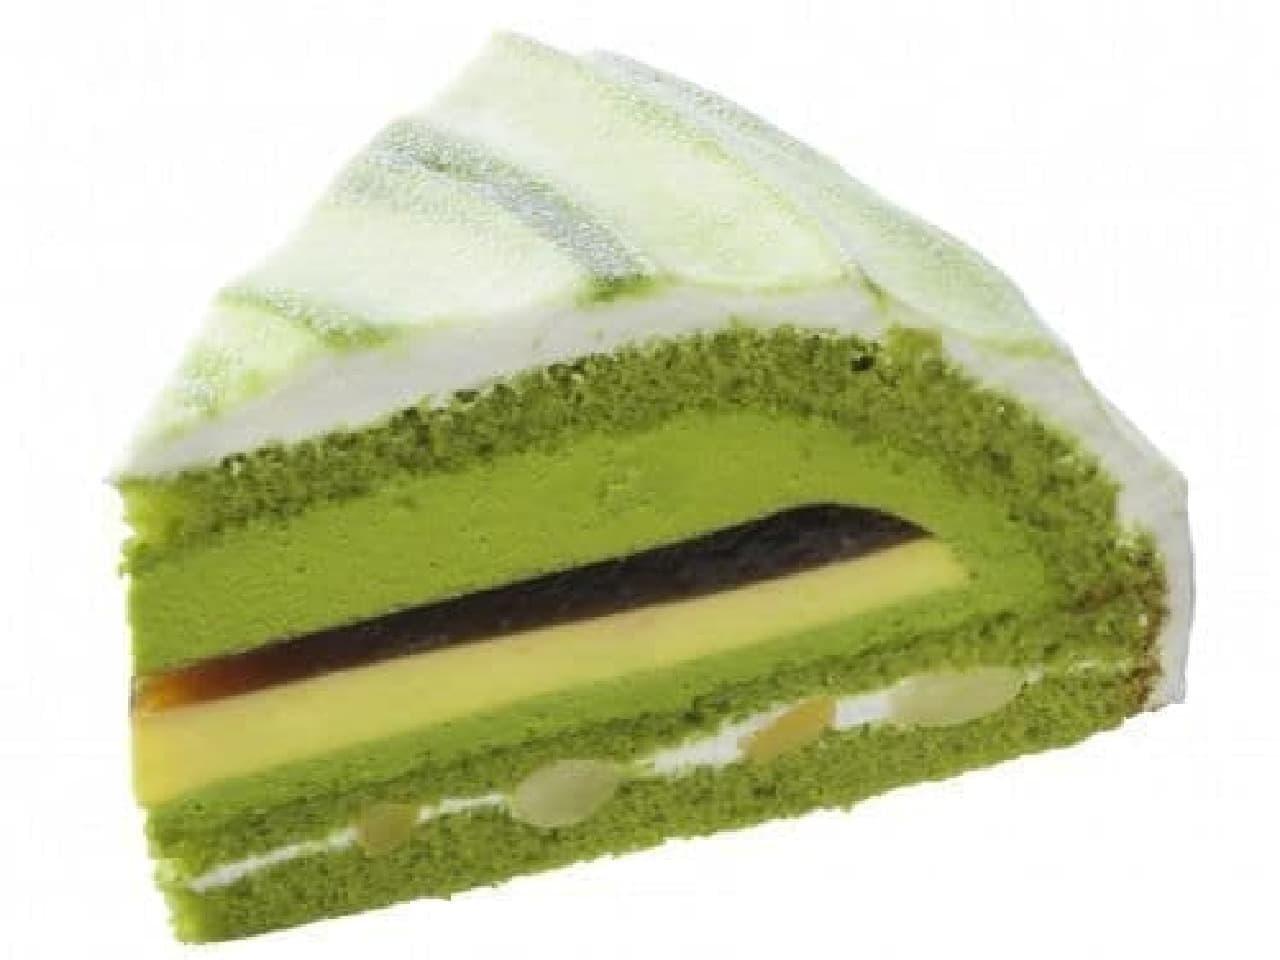 銀座コージーコーナー「抹茶と黒みつのケーキ